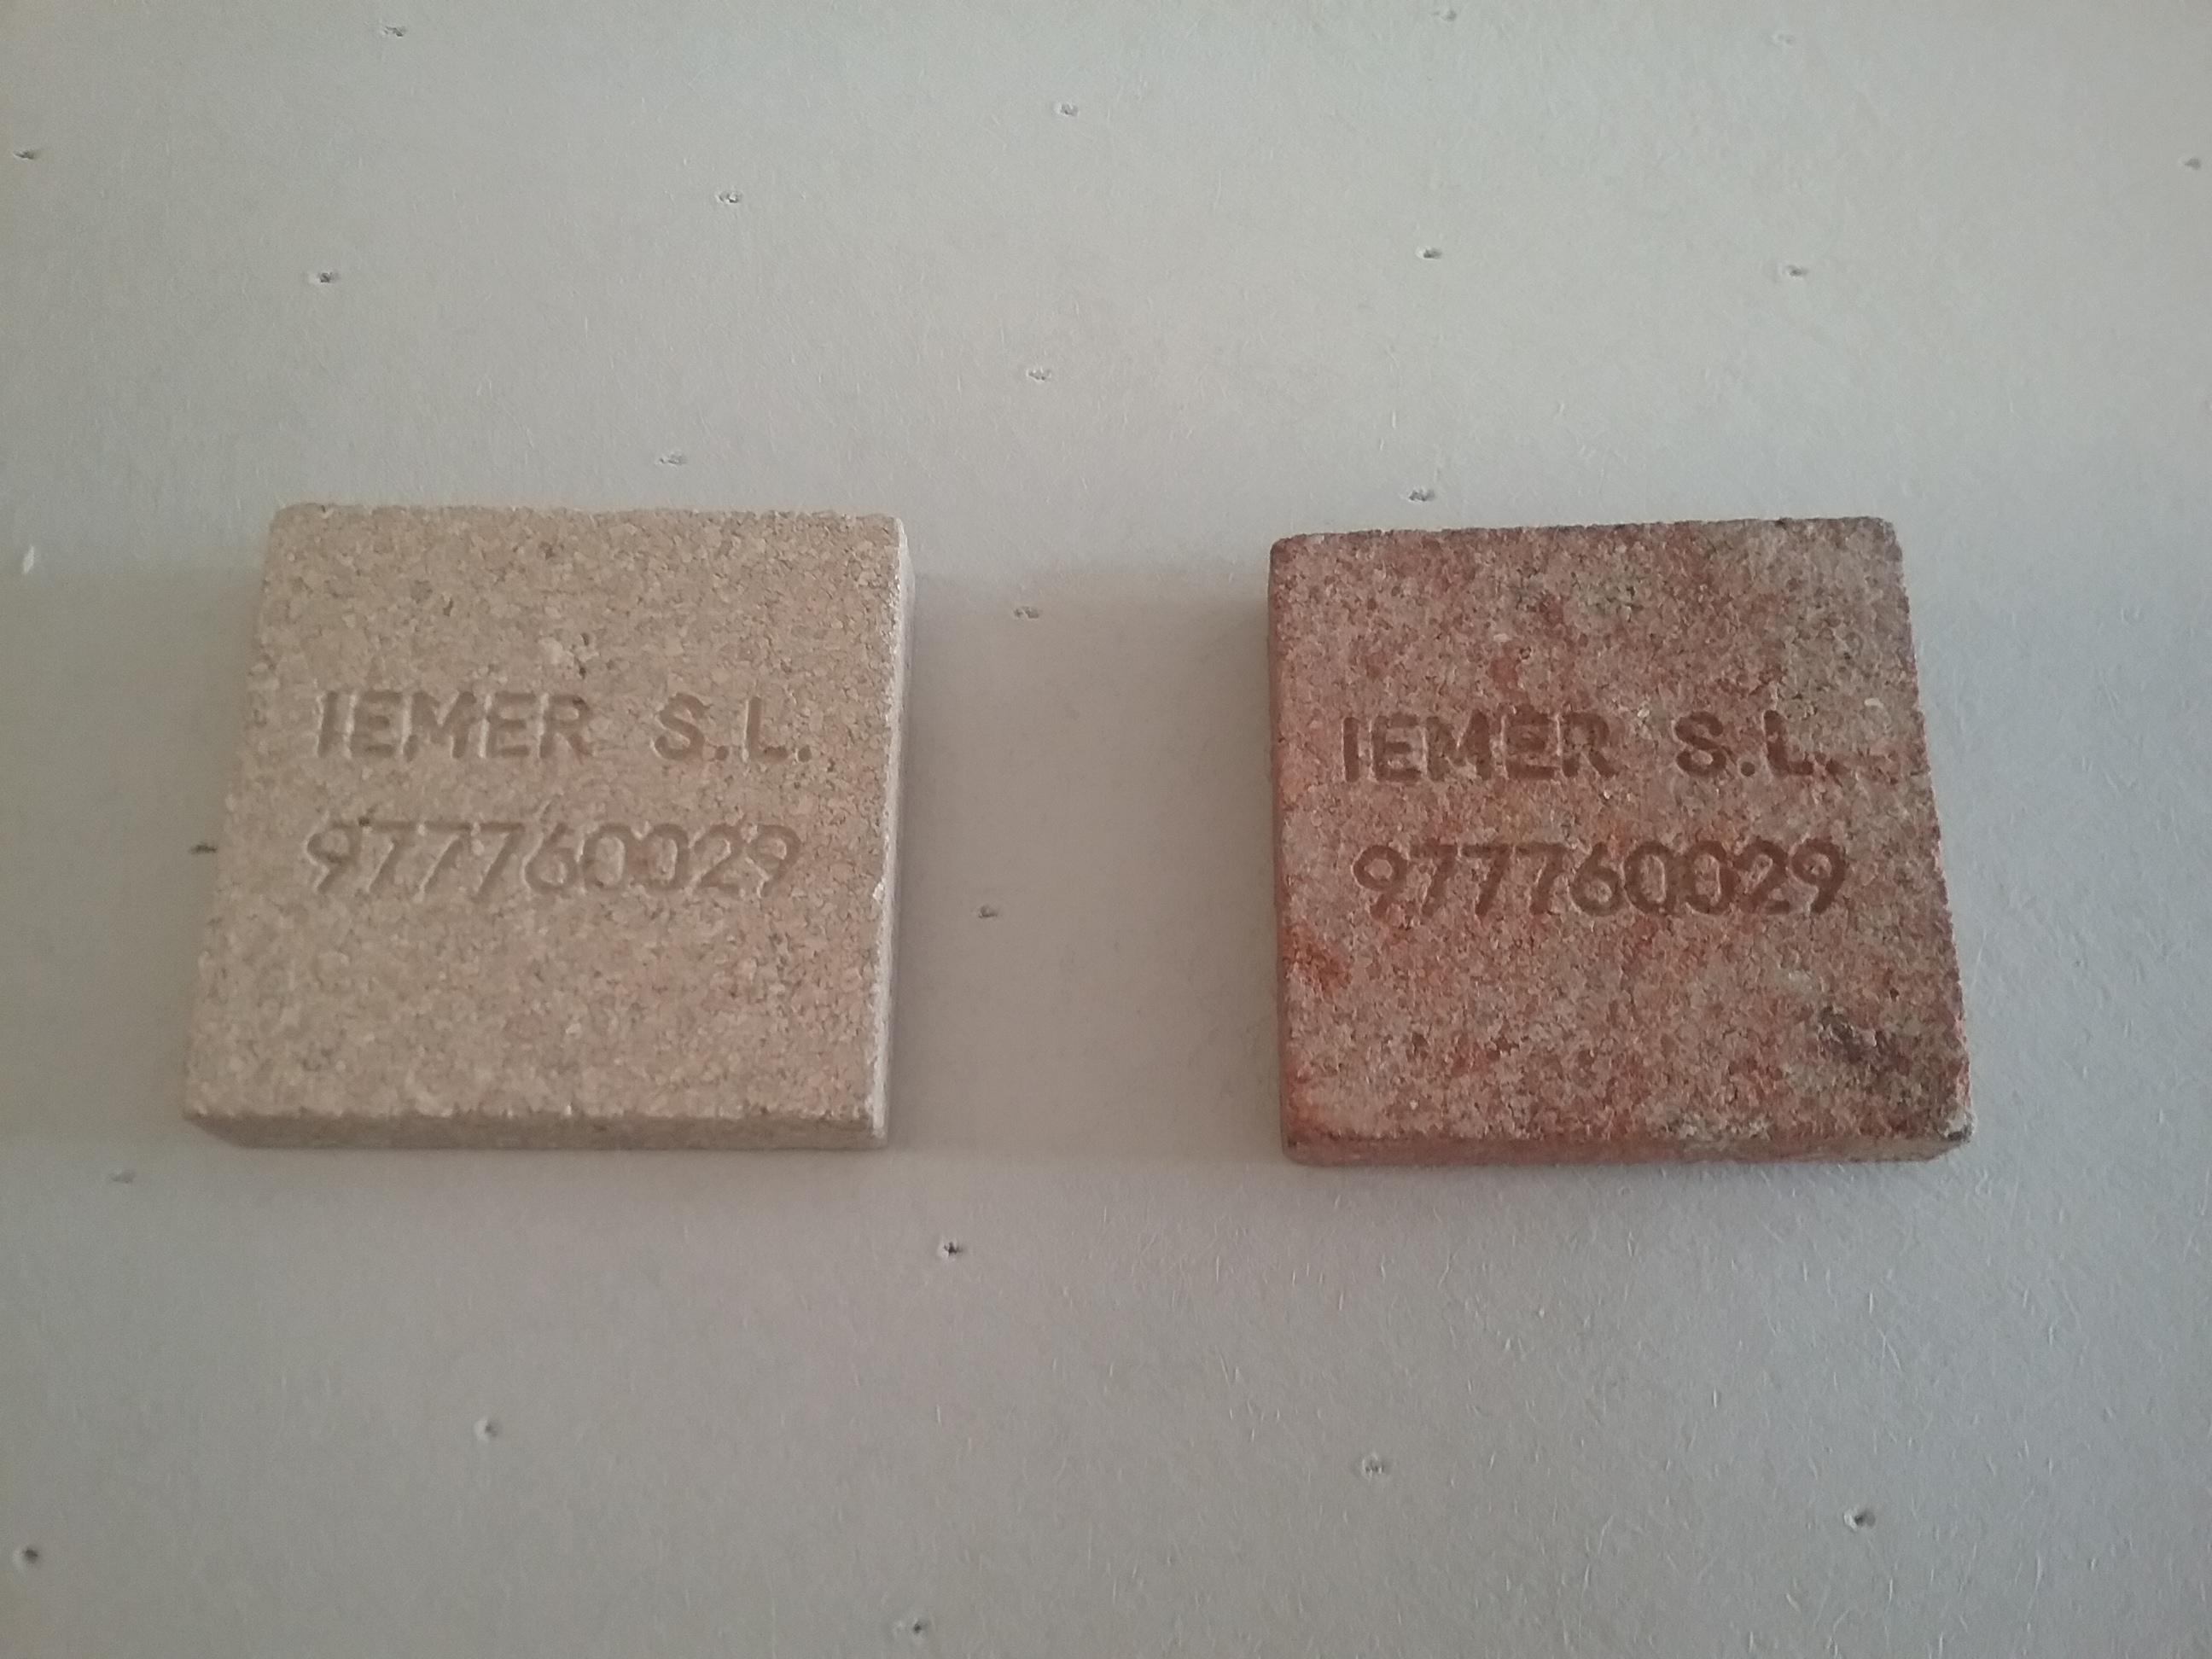 Piedras indentificacion incineracion 3 - IEMER